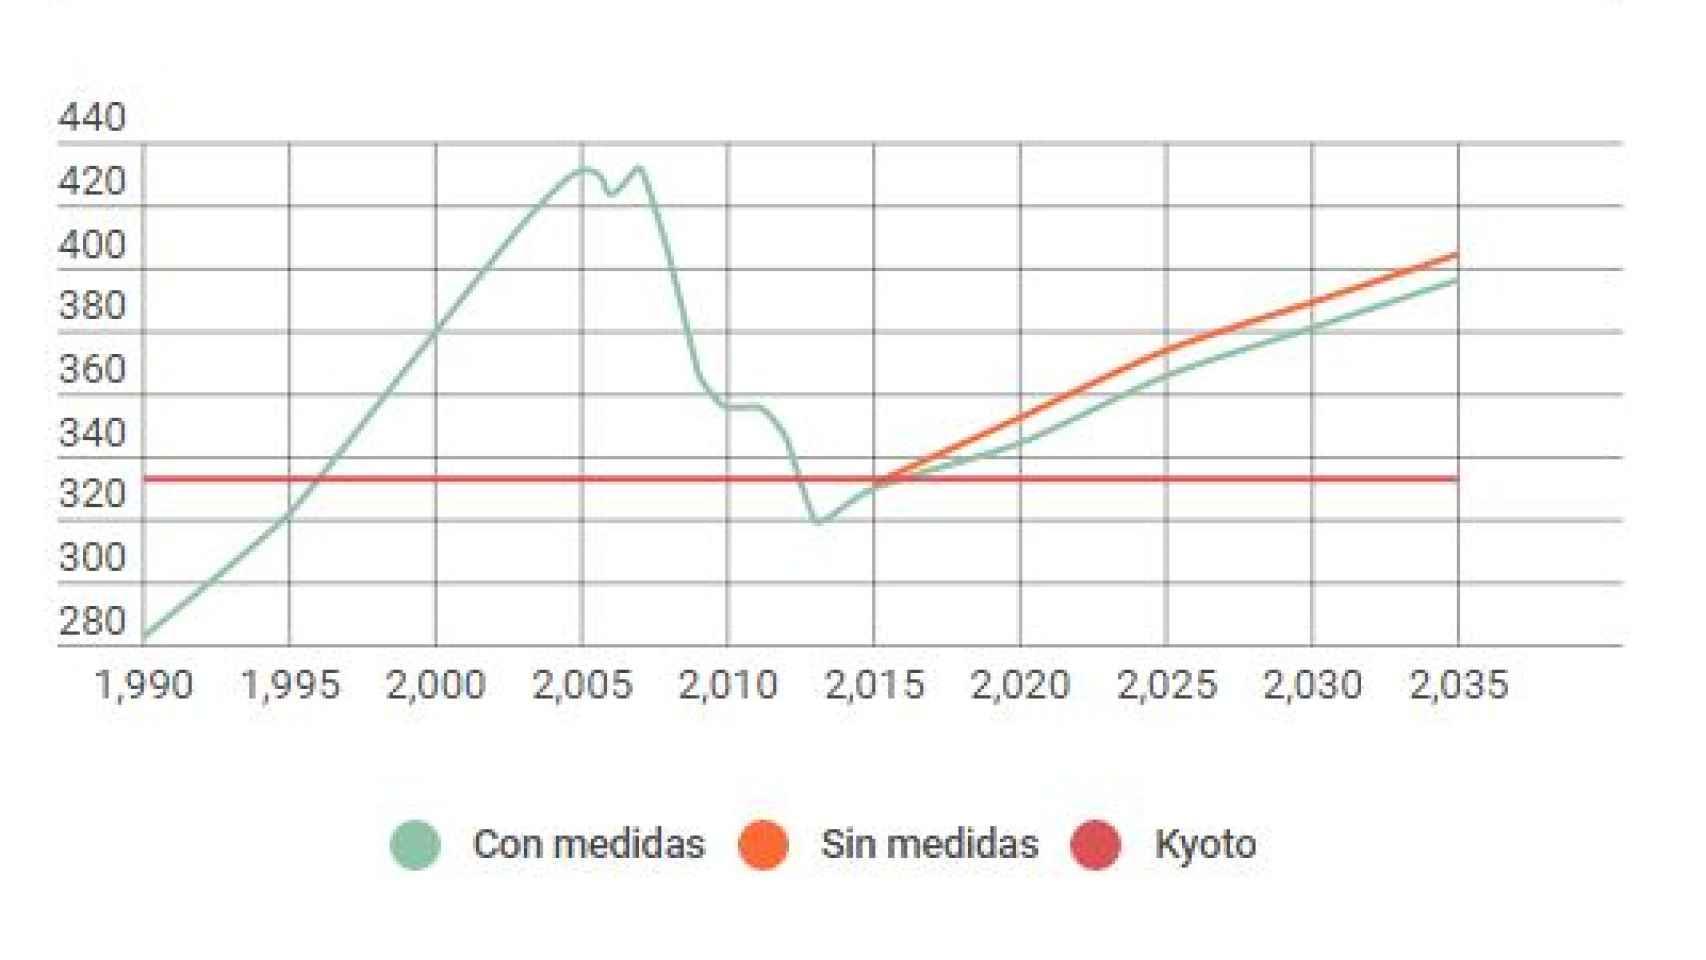 Emisiones de efecto invernadero en toneladas/ año y previsiones post-2015